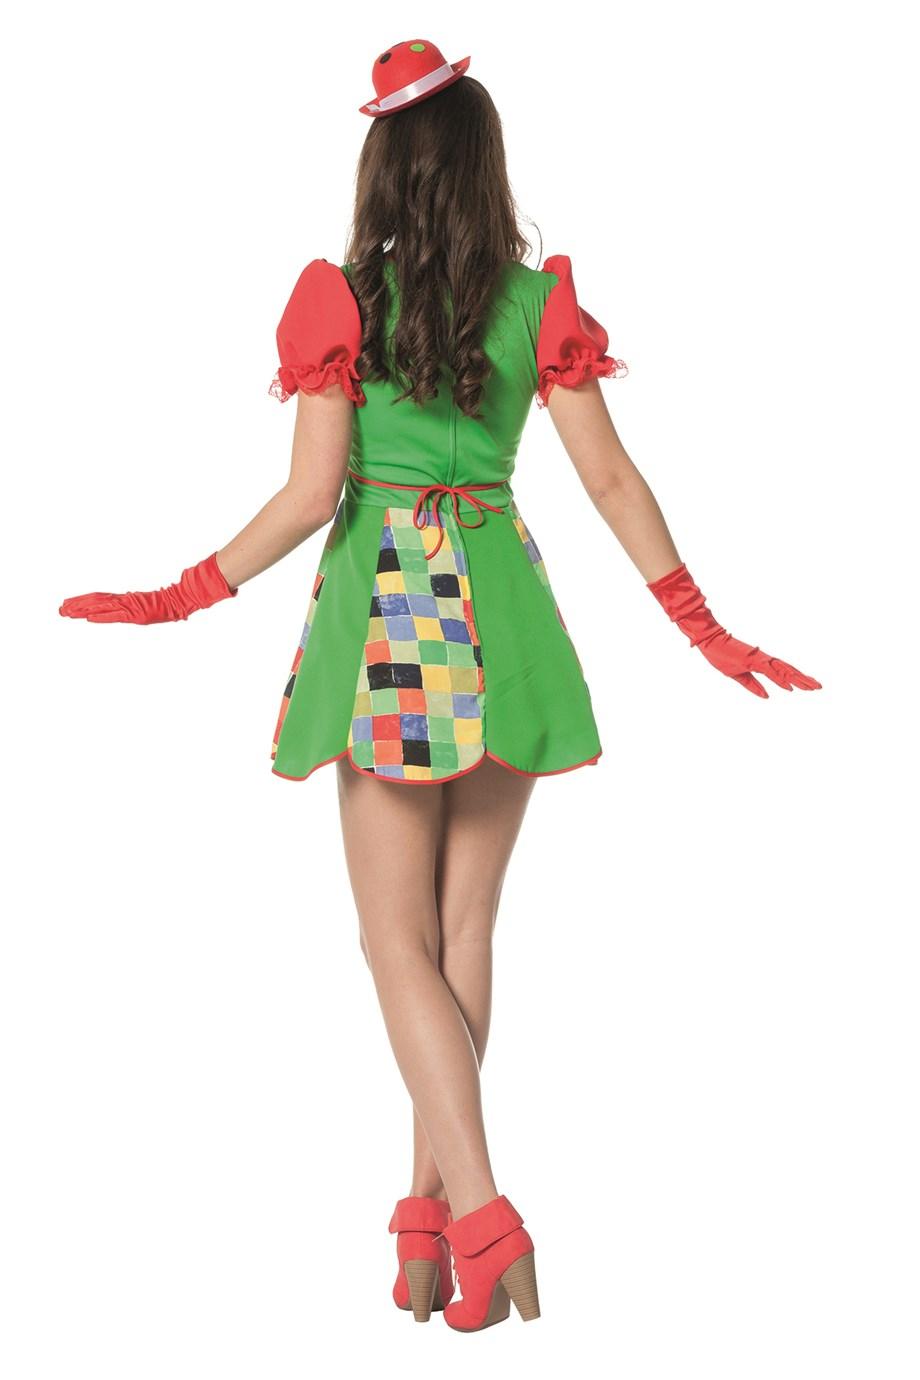 Clown-262642